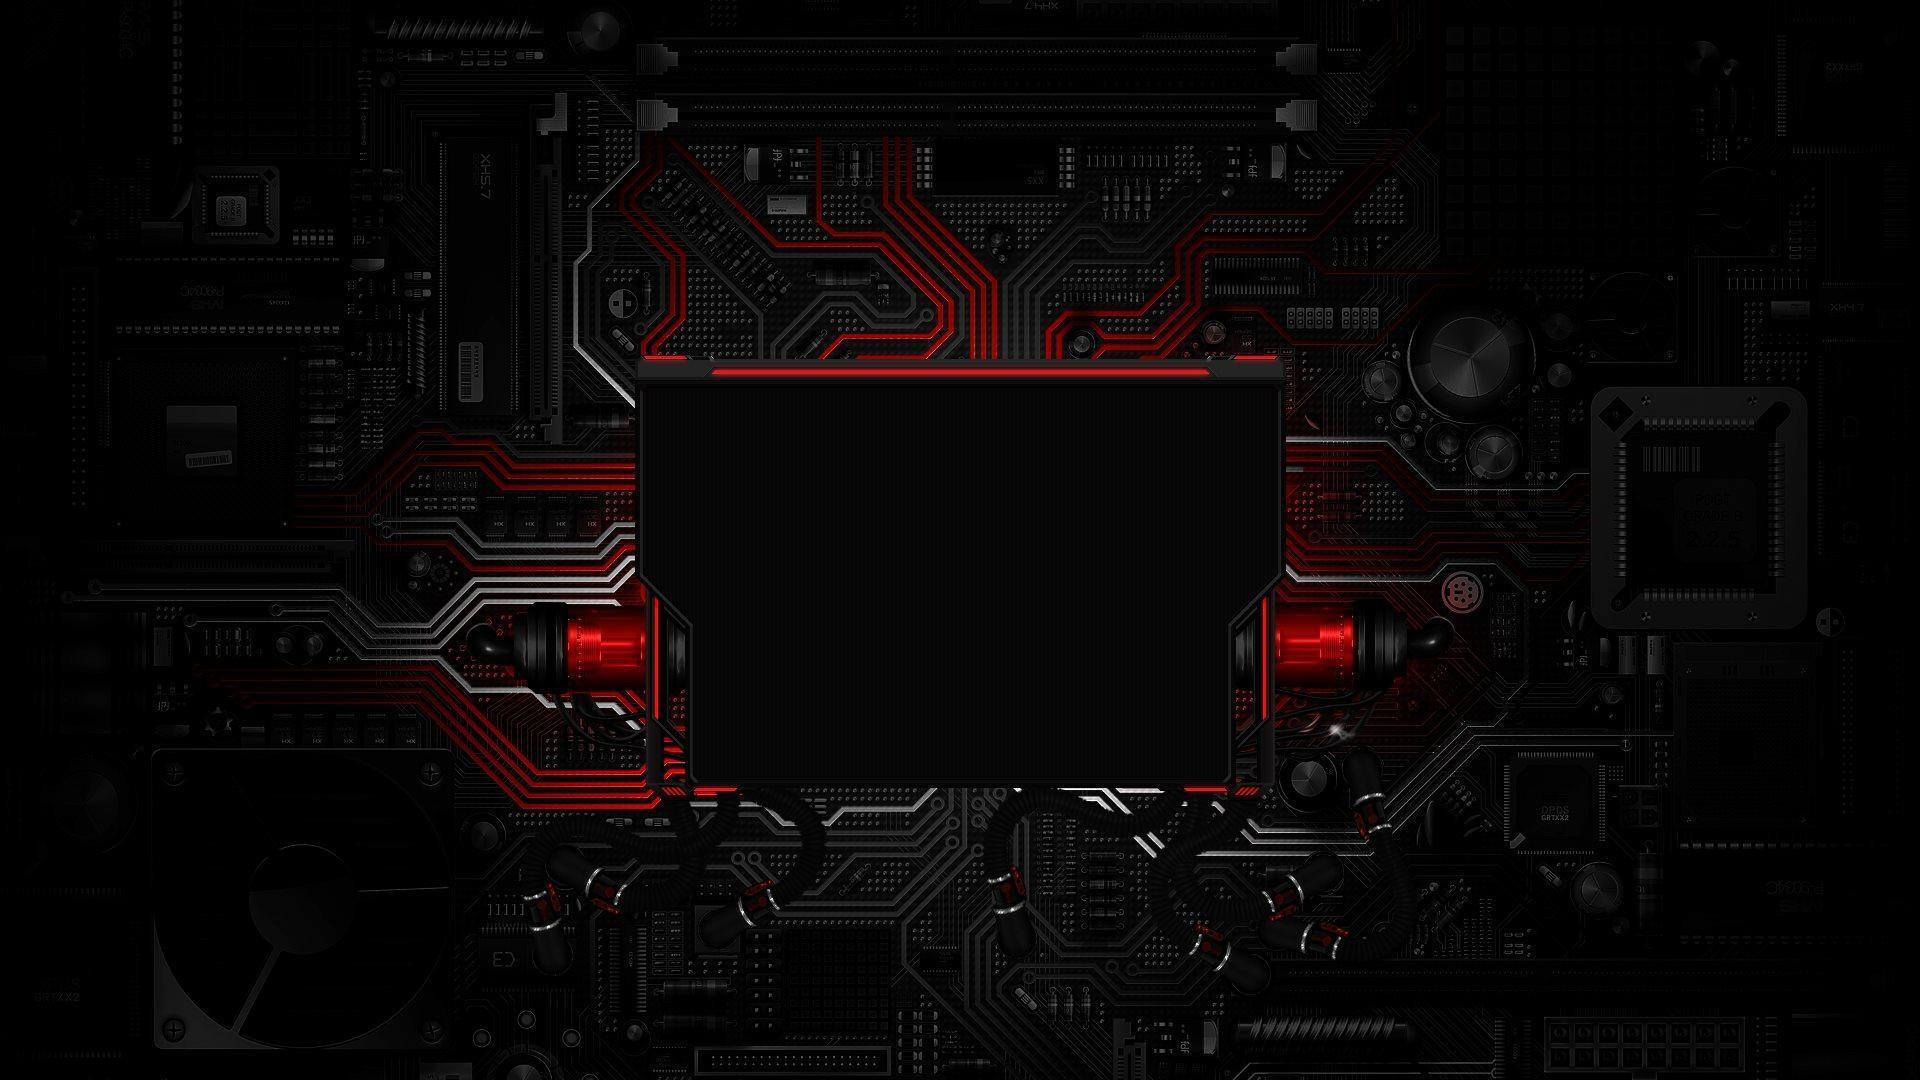 Most Inspiring Wallpaper High Resolution Technology - 1167089-best-hd-technology-wallpapers-1920x1080  Image_545458.jpg